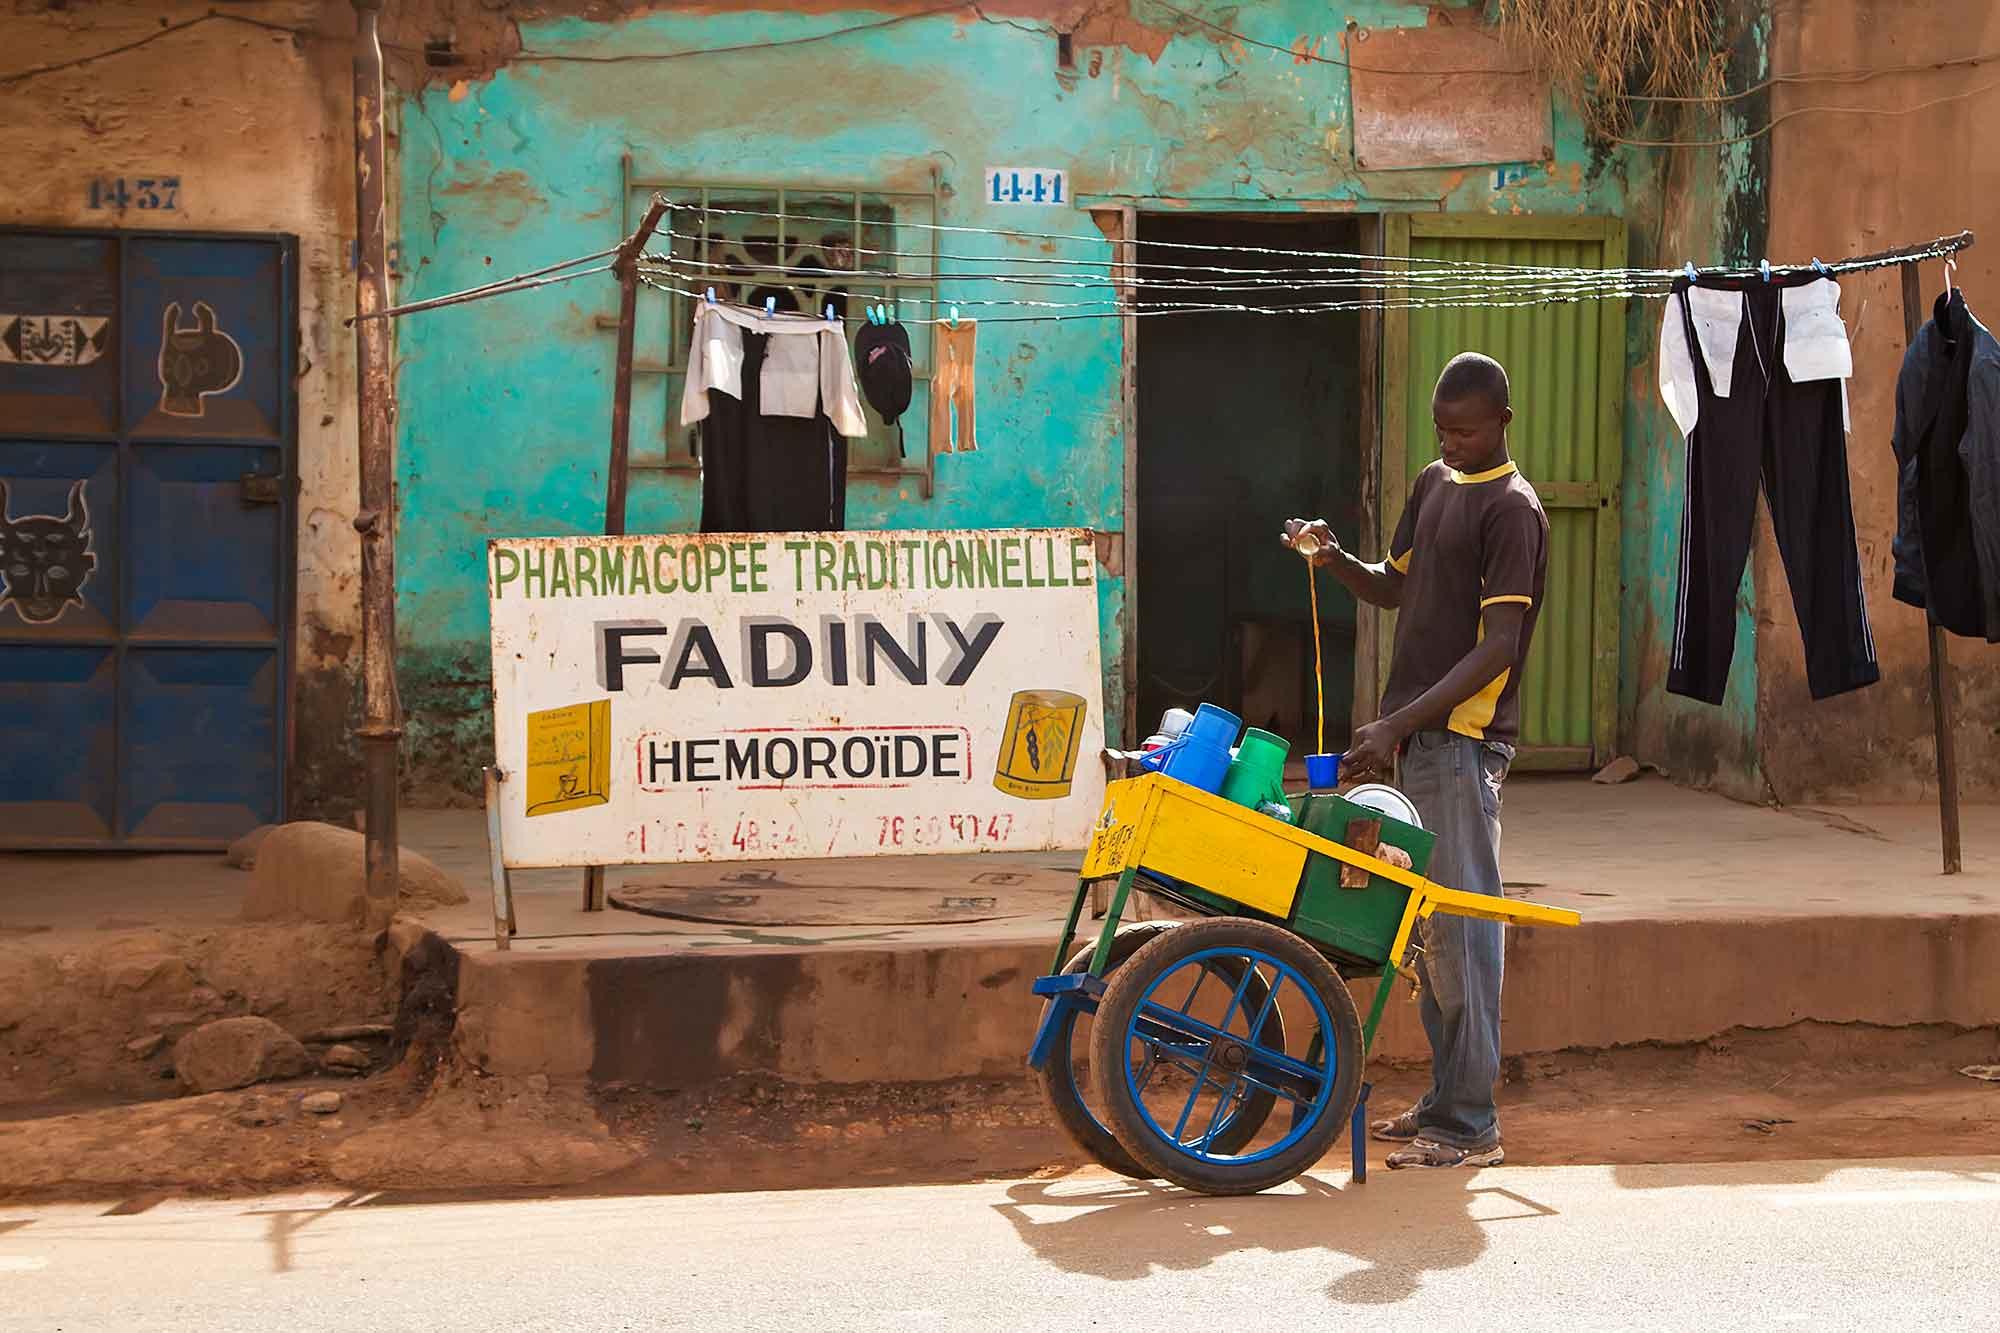 street-vendor-bobo-dioulasso-burkina-faso-africa